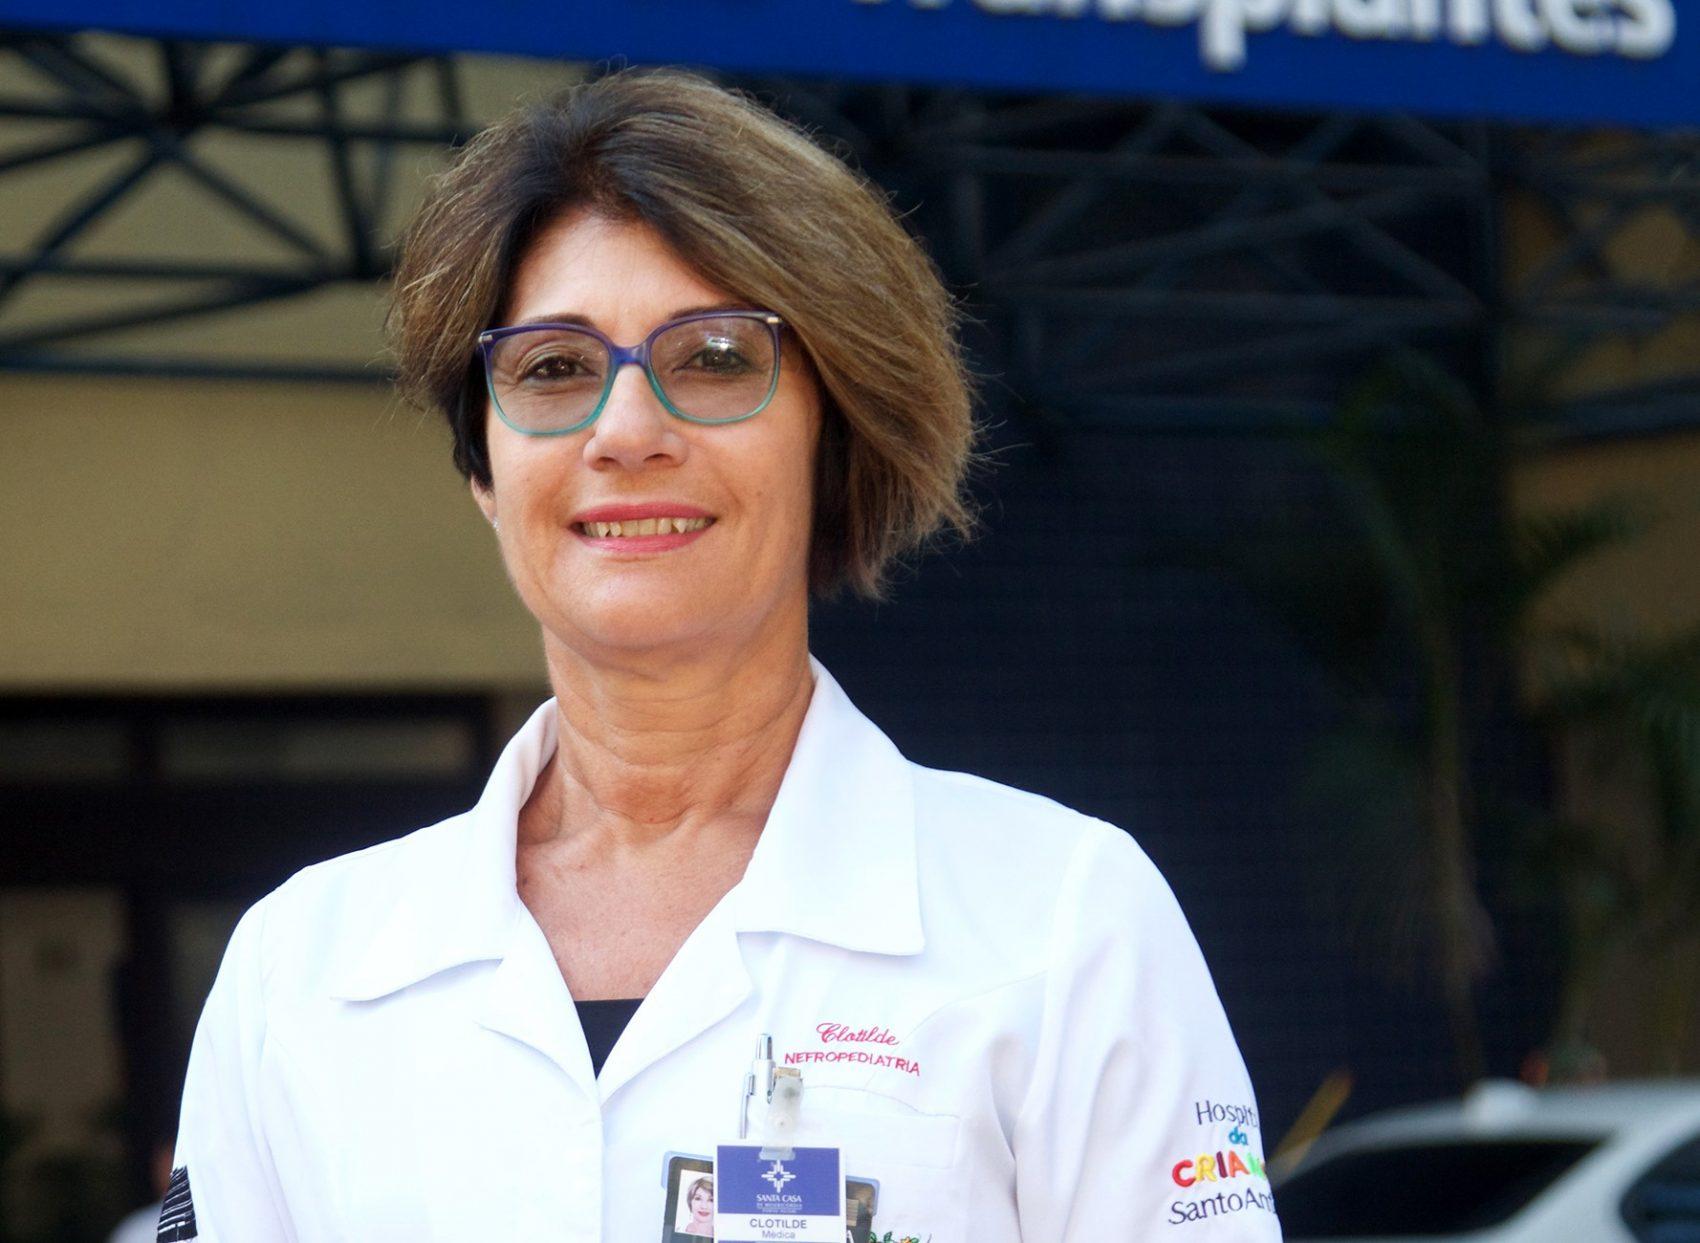 Clotilde Druck Garcia é é professora de Nefrologia da Universidade Federal de Ciências da Saúde de Porto Alegre, médica da Nefrologia Pediátrica da Santa Casa de Porto Alegre e coordenadora do departamento de transplante pediátrico da Associação Brasileira de Transplantes de Órgãos